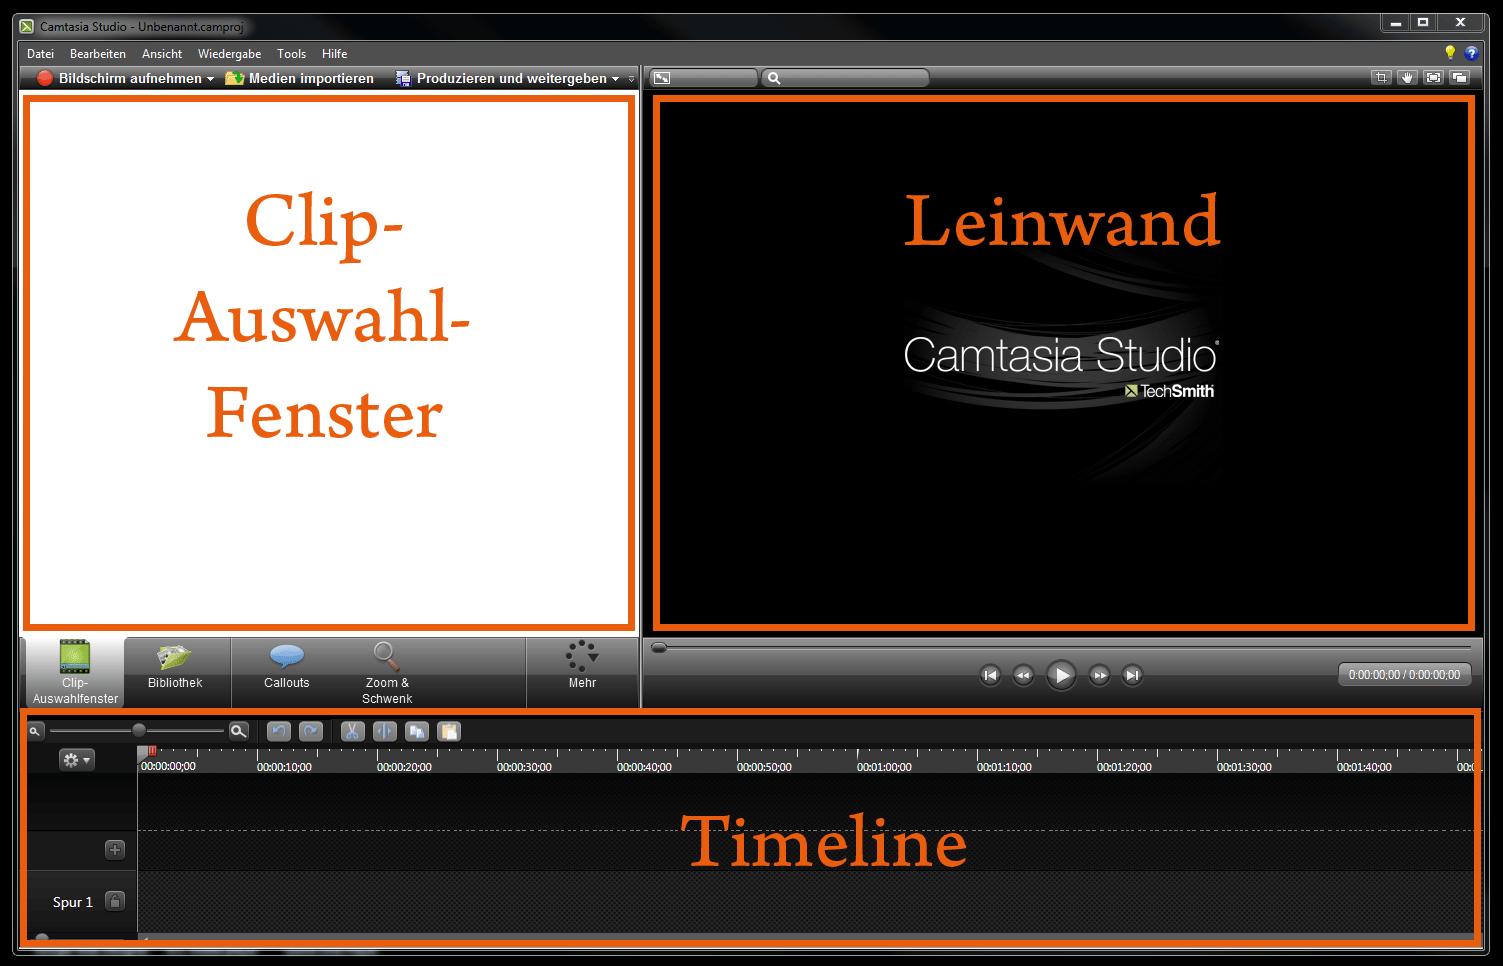 Die Camtasia Arbeitsoberfläche mit den drei wesentlichen Bereichen Clip-Auswahl-Fenster, Leinwand und Timeline